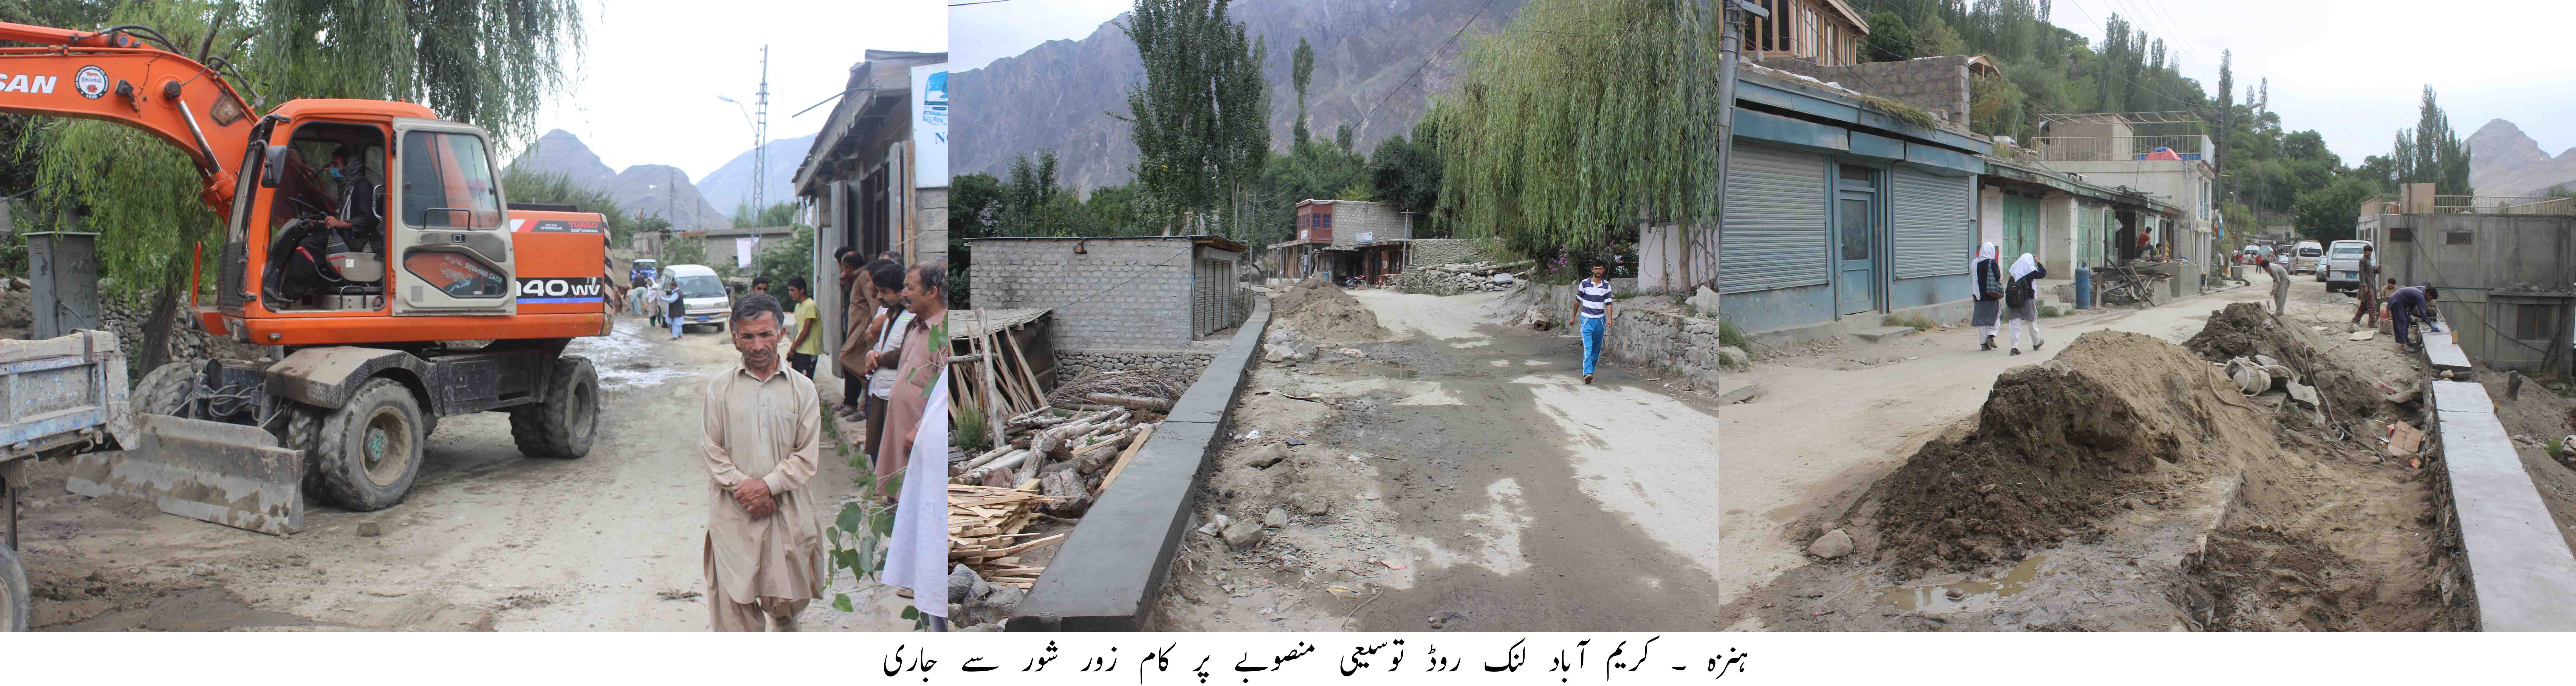 ہنزہ، کریم آباد لنک روڑ توسیعی منصوبے پر زور و شور سے کام جاری